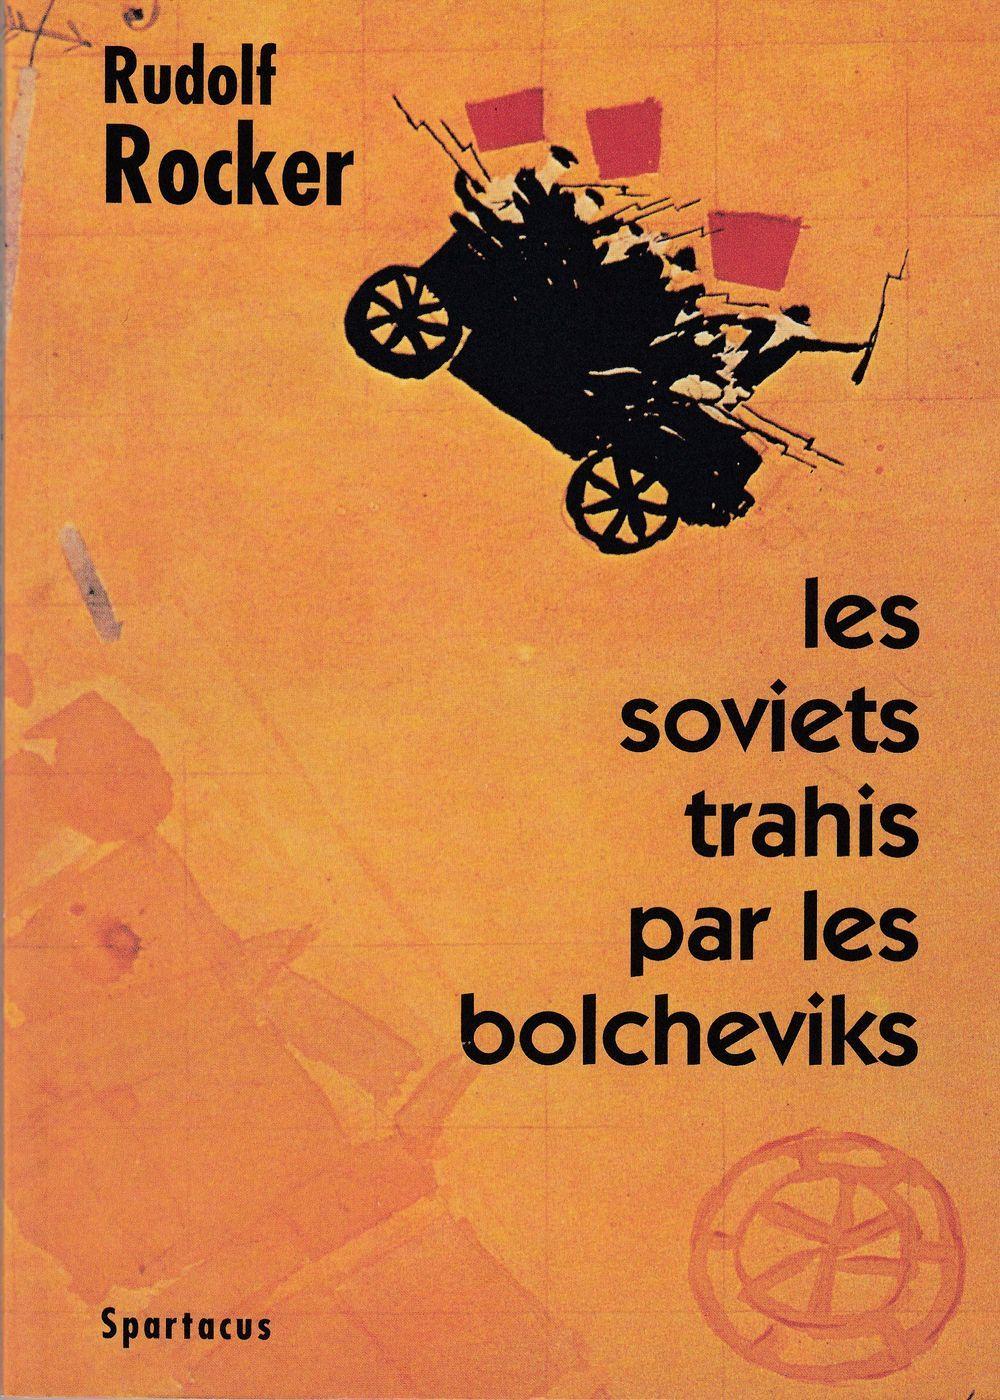 LES SOVIETS TRAHIS PAR LES BOLCHEVIKS